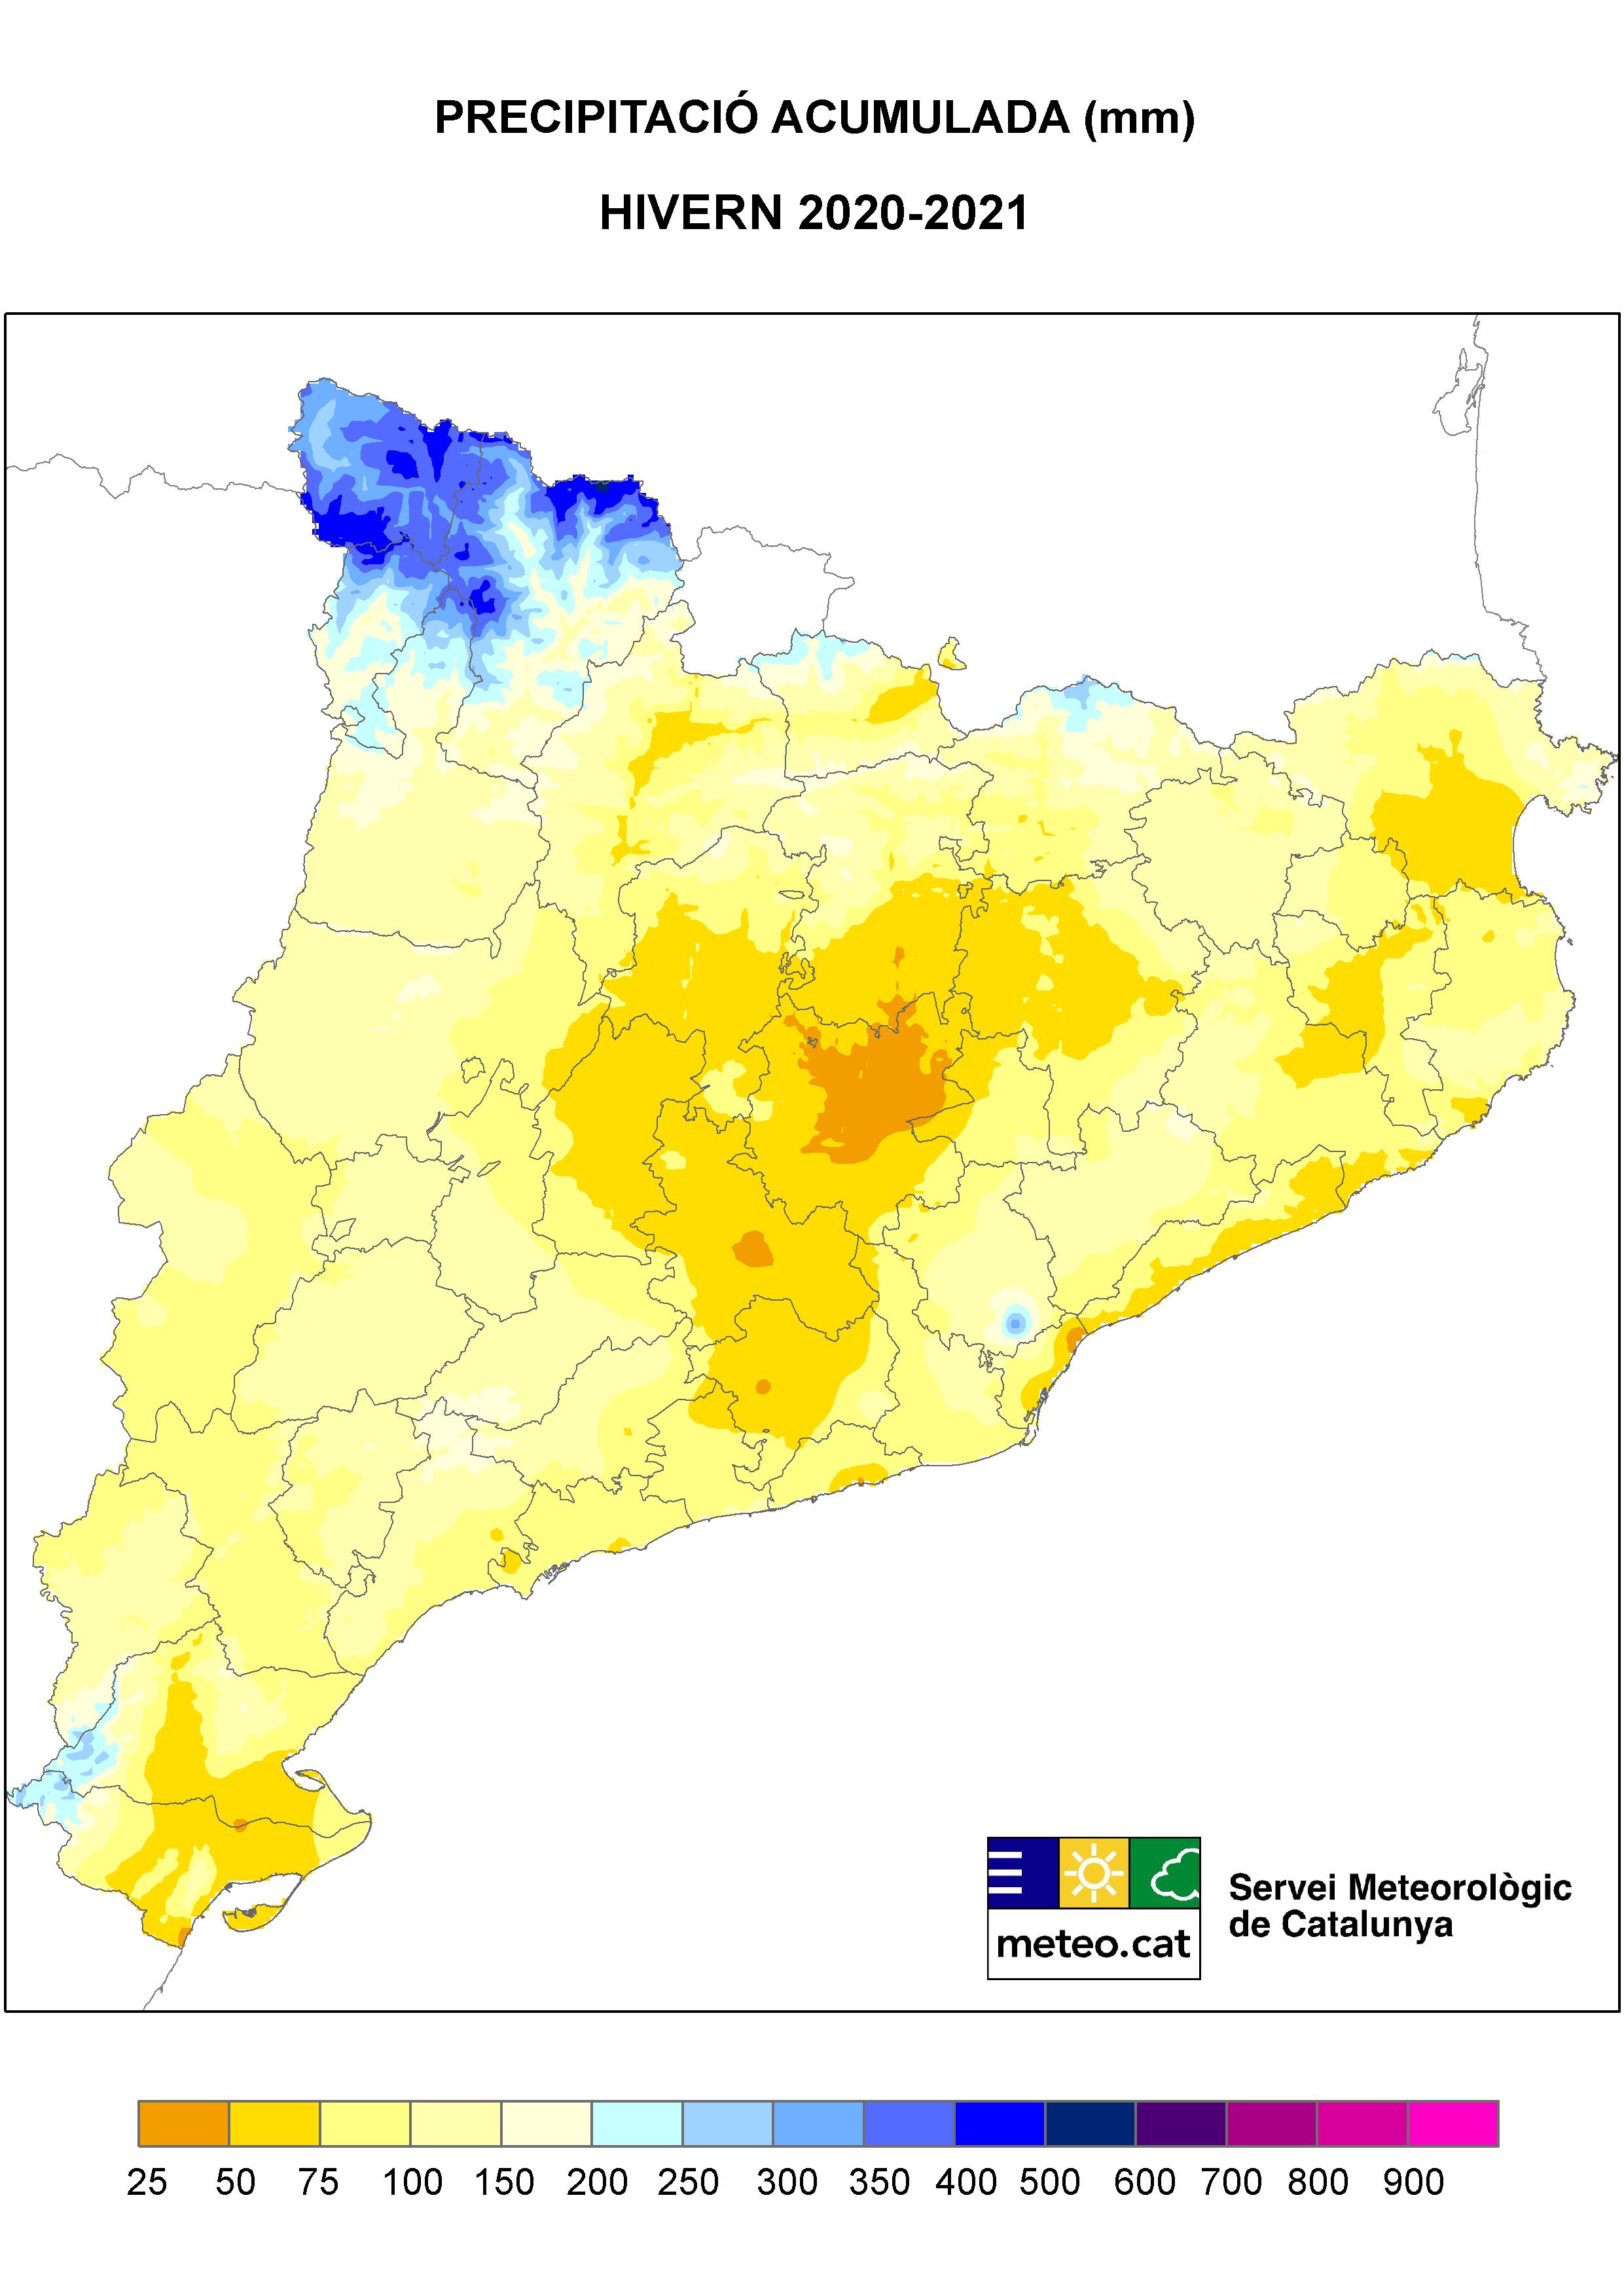 Mapa de Precipitació de l'hivern 2021